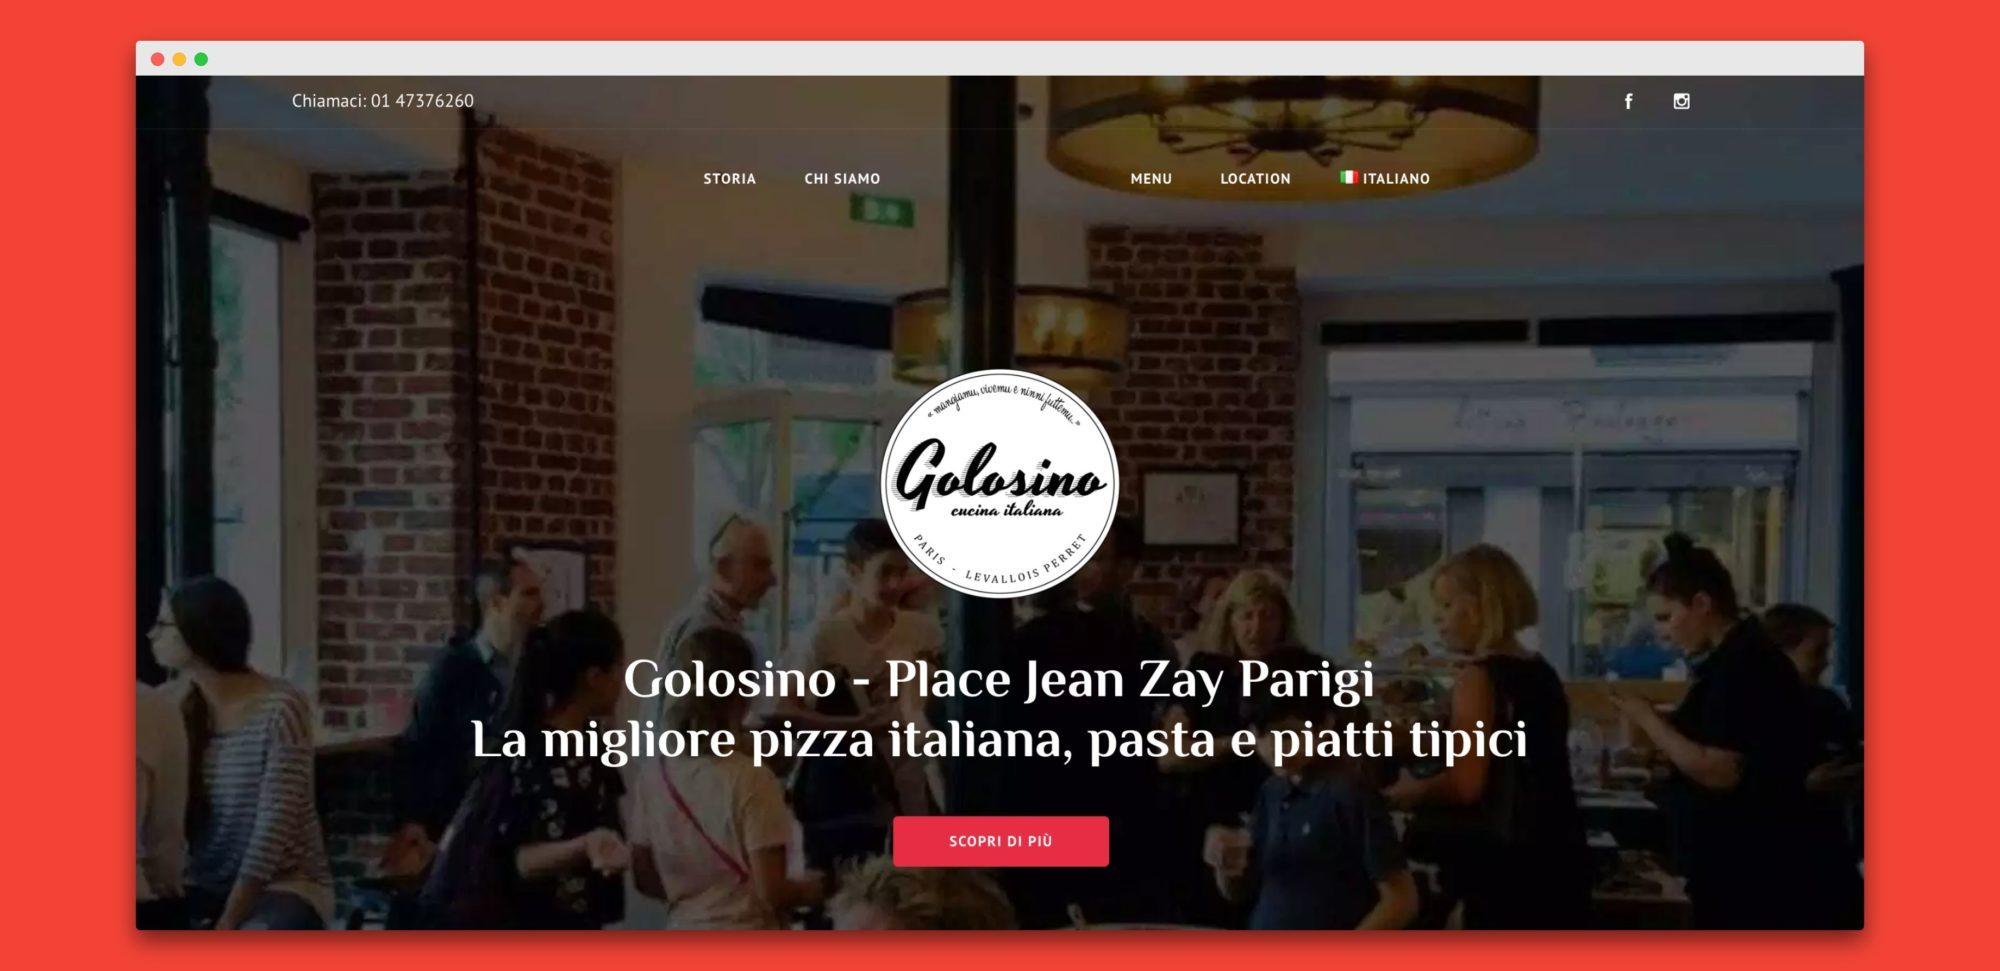 teroro agency golosino realizzazione sito internet 1 - Golosino - Pizzeria Ristorante italiano a Parigi